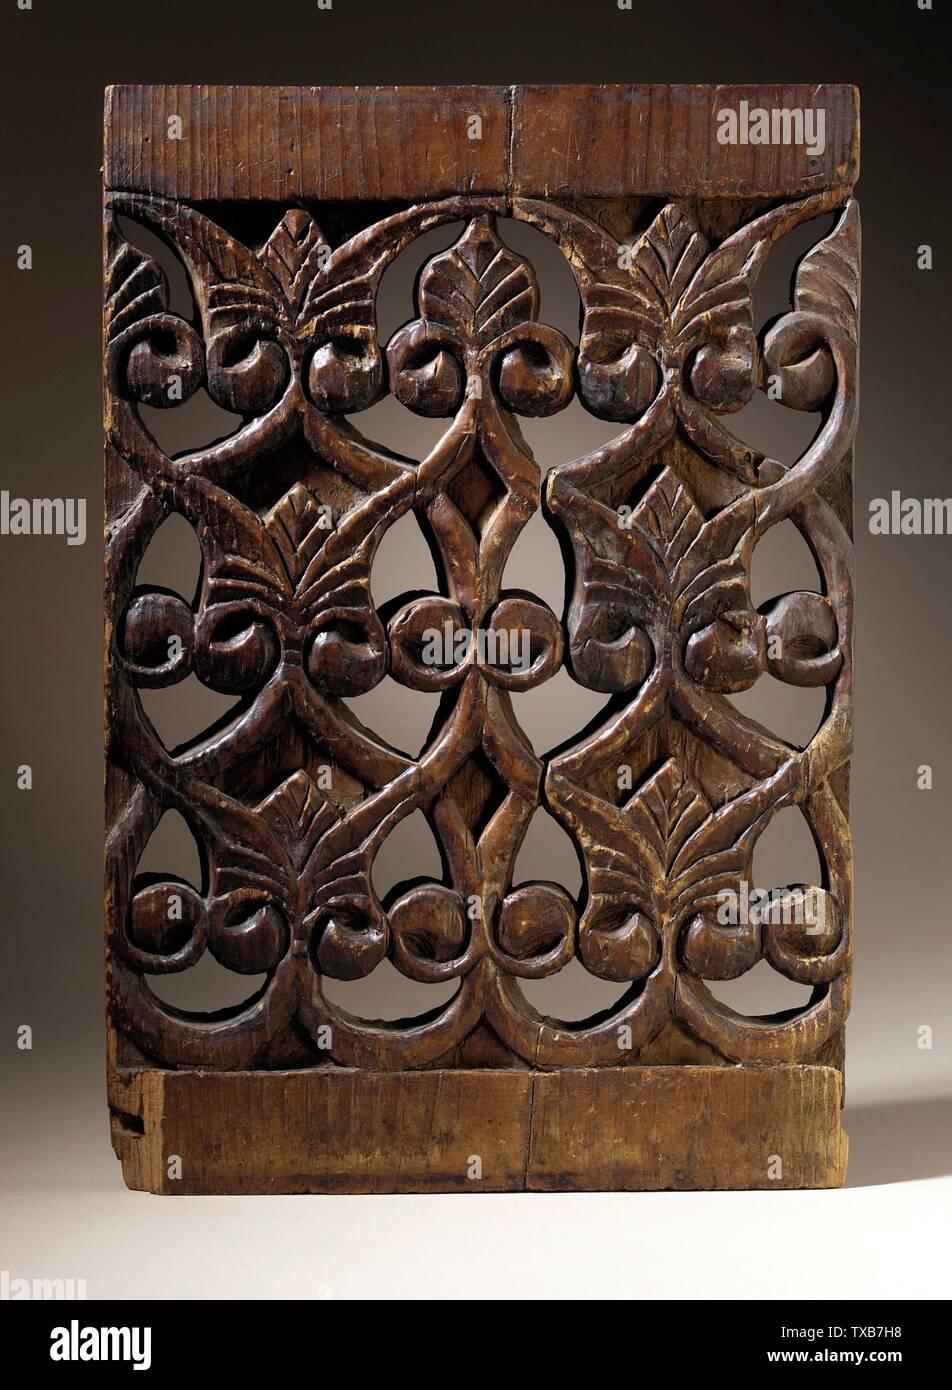 'Panel (image 1 de 2); Anglais: l'Egypte, 13e siècle bois sculpté Sculpture, 11 7/8 x 8 x 3/4 in. (30,16 x 20,32 x 1,91 cm) La Collection d'Art Islamique de Madina, don de Camilla Chandler Frost (M.2002.1.32) L'Art Islamique en ce moment sur la vue du public: Ahmanson bâtiment, étage 4; date du 13ème siècle QS:P571,+1250-00-00T00:00:00Z/7; ' Photo Stock